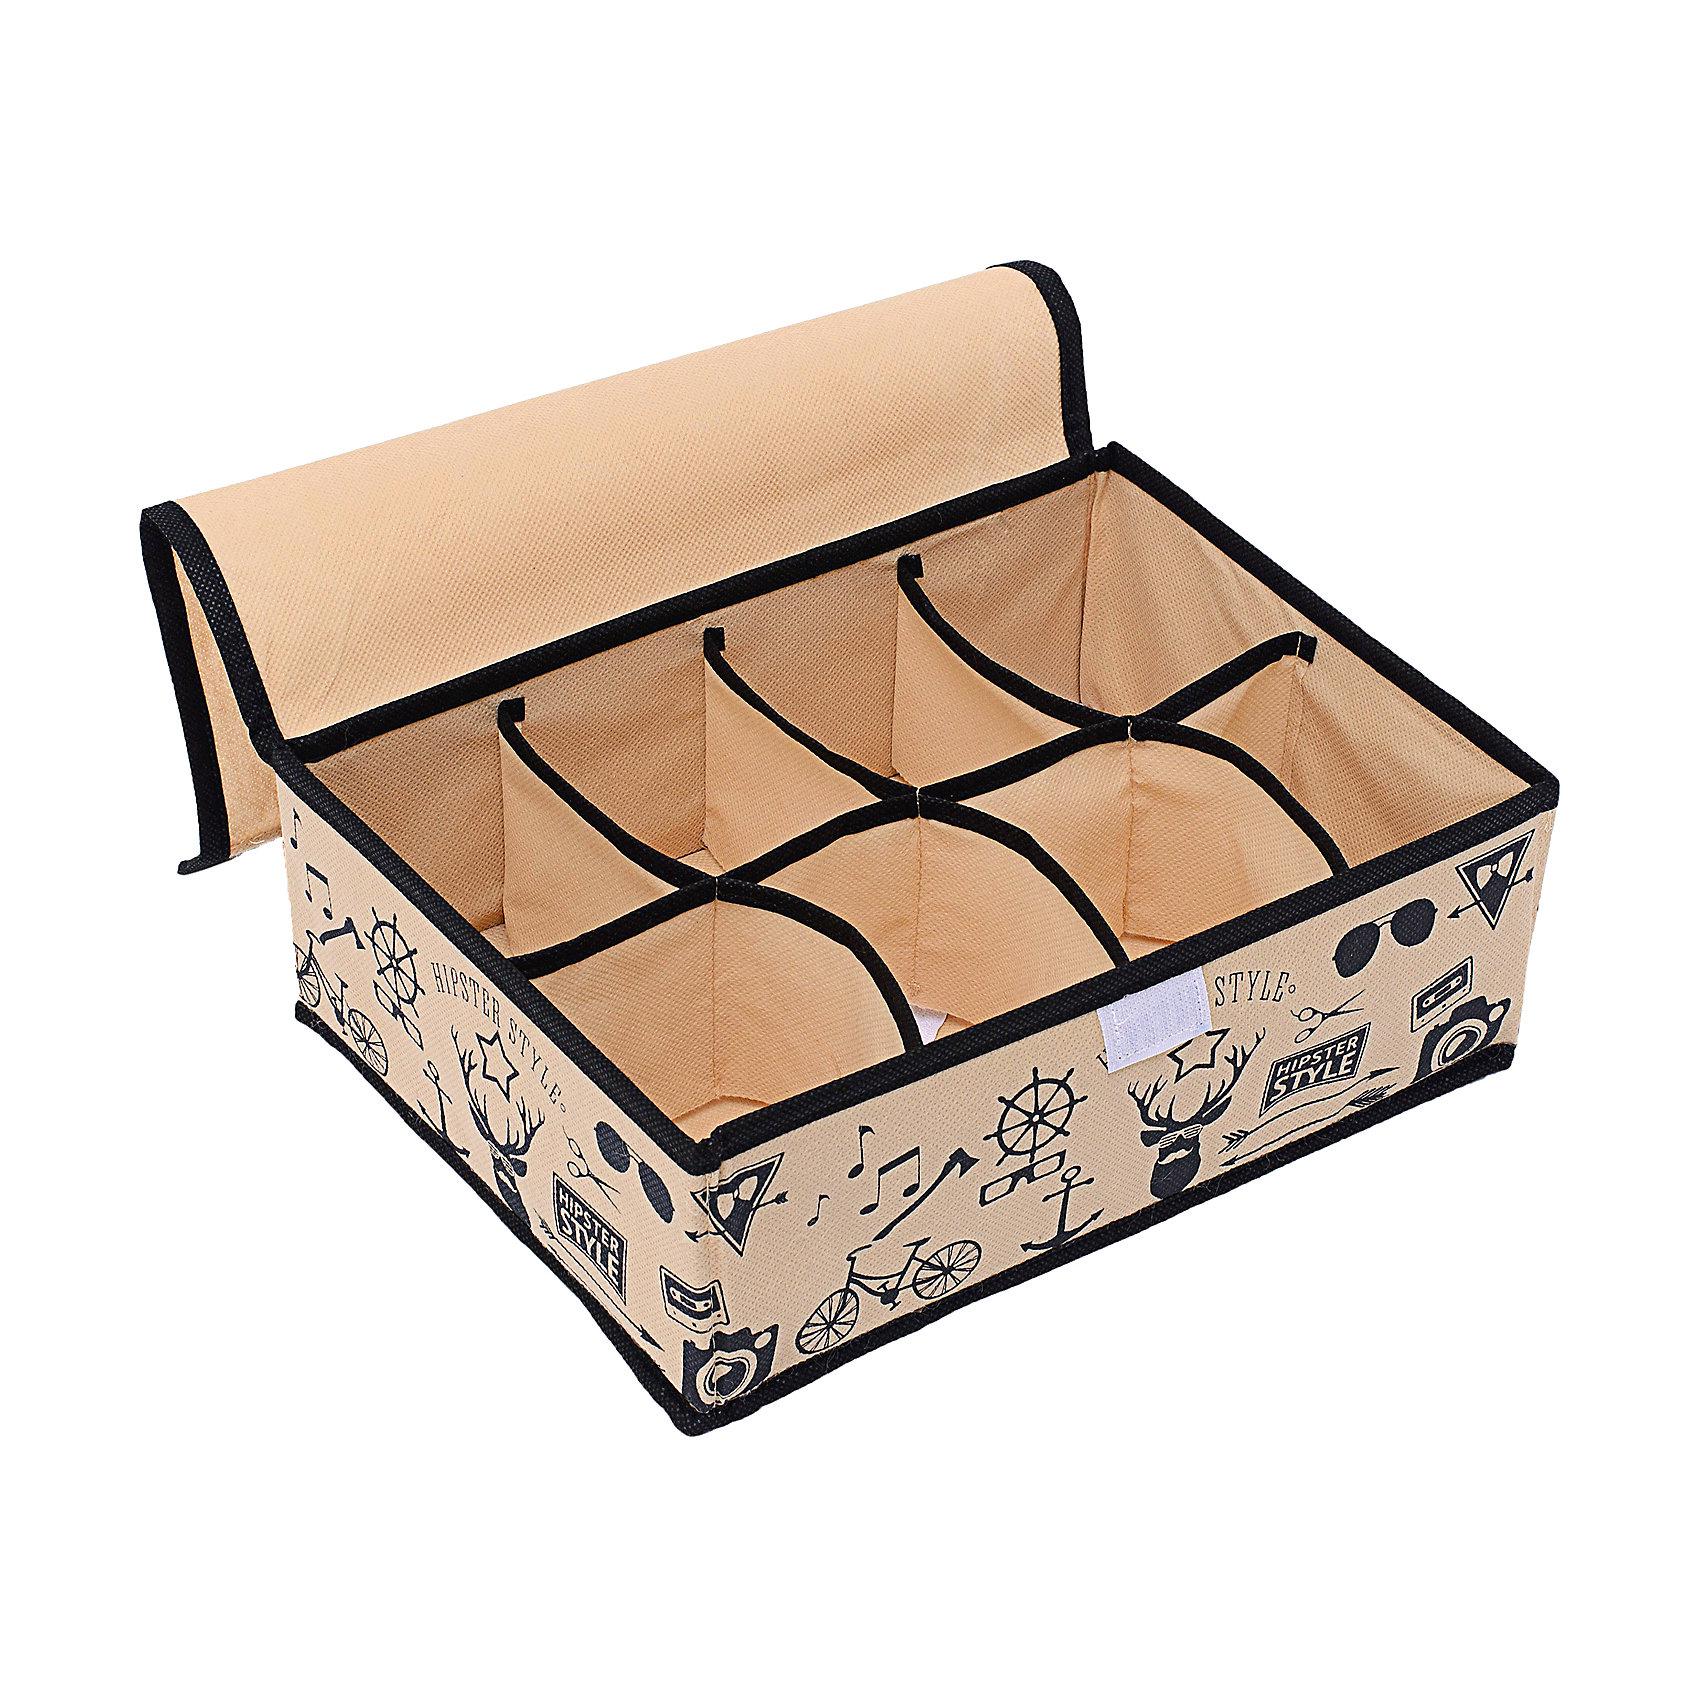 Органайзер на 8 секций с крышкой (31*24*11) Hipster Style, HomsuПорядок в детской<br>Прямоугольный и плоский органайзер имеет 8 раздельных ячеек размером 12Х8см, очень удобен для хранения вещей среднего размера в  ящике или на полке. Идеально для белья, шапок, рукавиц и других вещей ежедневного пользования. Имеет жесткие борта, что является гарантией сохранности вещей. Подходит в шкафы Билли от Икея.<br><br>Ширина мм: 530<br>Глубина мм: 110<br>Высота мм: 20<br>Вес г: 200<br>Возраст от месяцев: 216<br>Возраст до месяцев: 1188<br>Пол: Унисекс<br>Возраст: Детский<br>SKU: 5620138